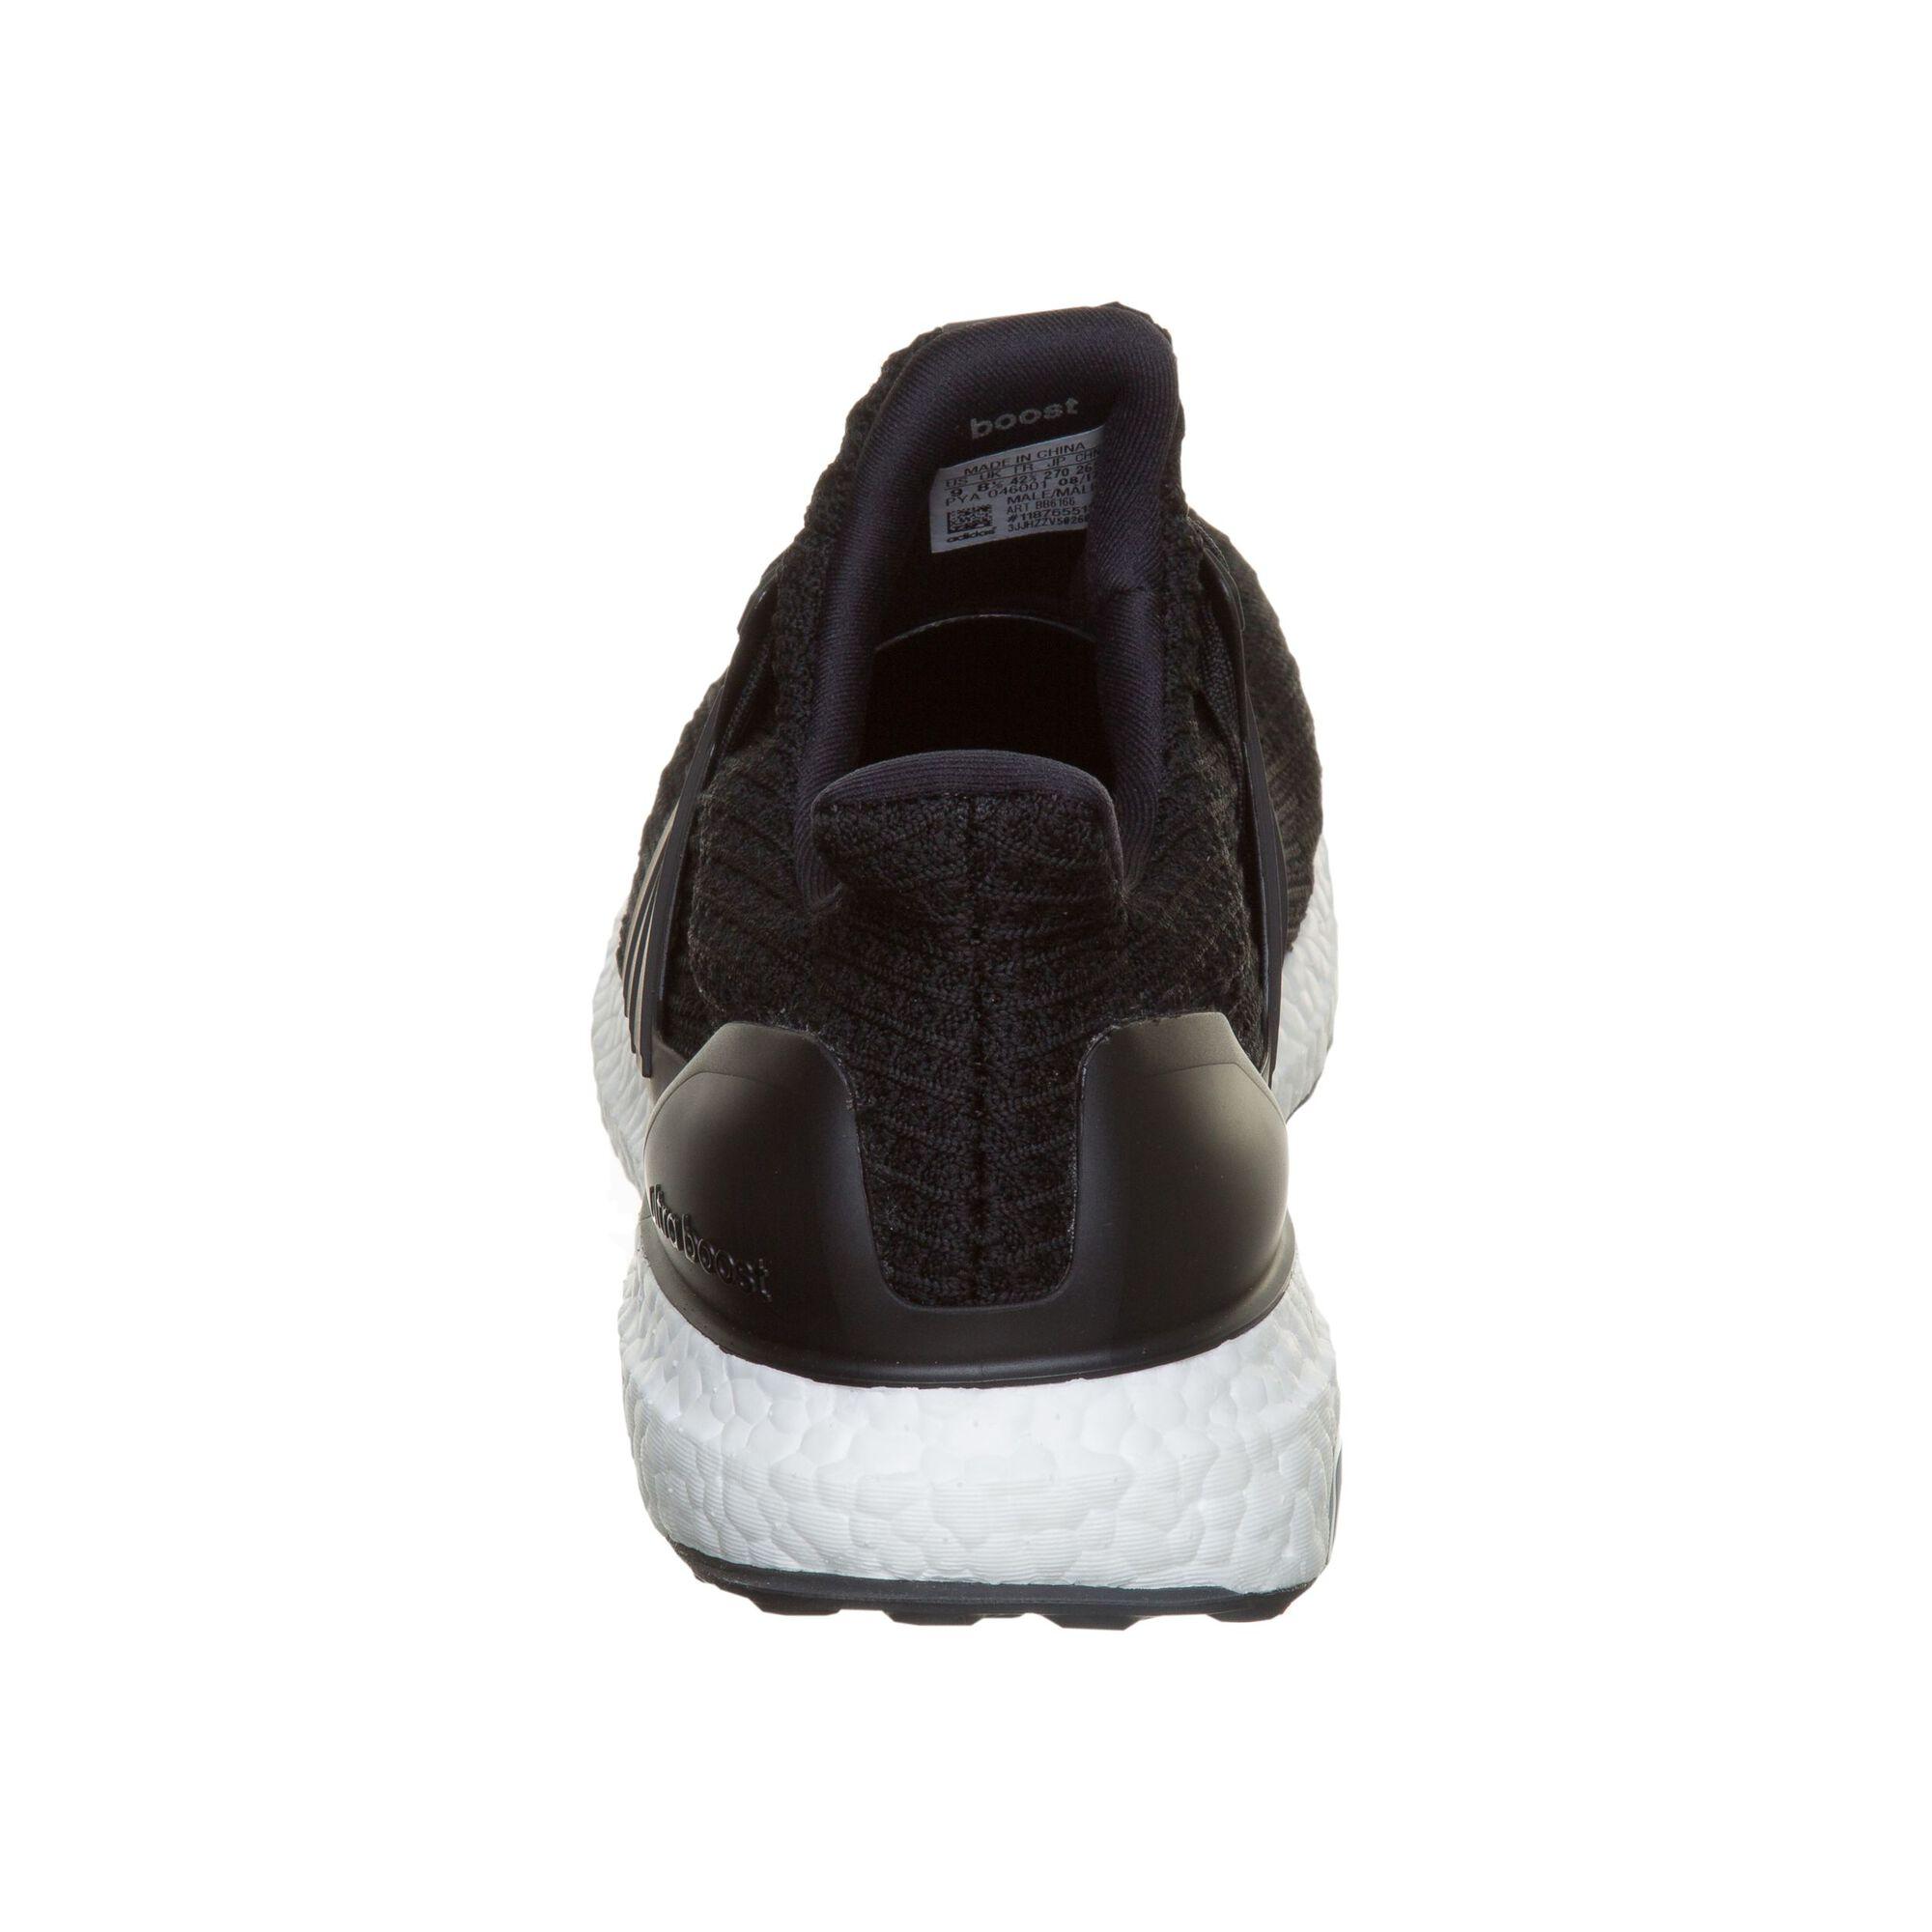 low priced ab4ef 1a543 adidas Ultra Boost Neutralschuh Herren - Schwarz, Weiß onlin